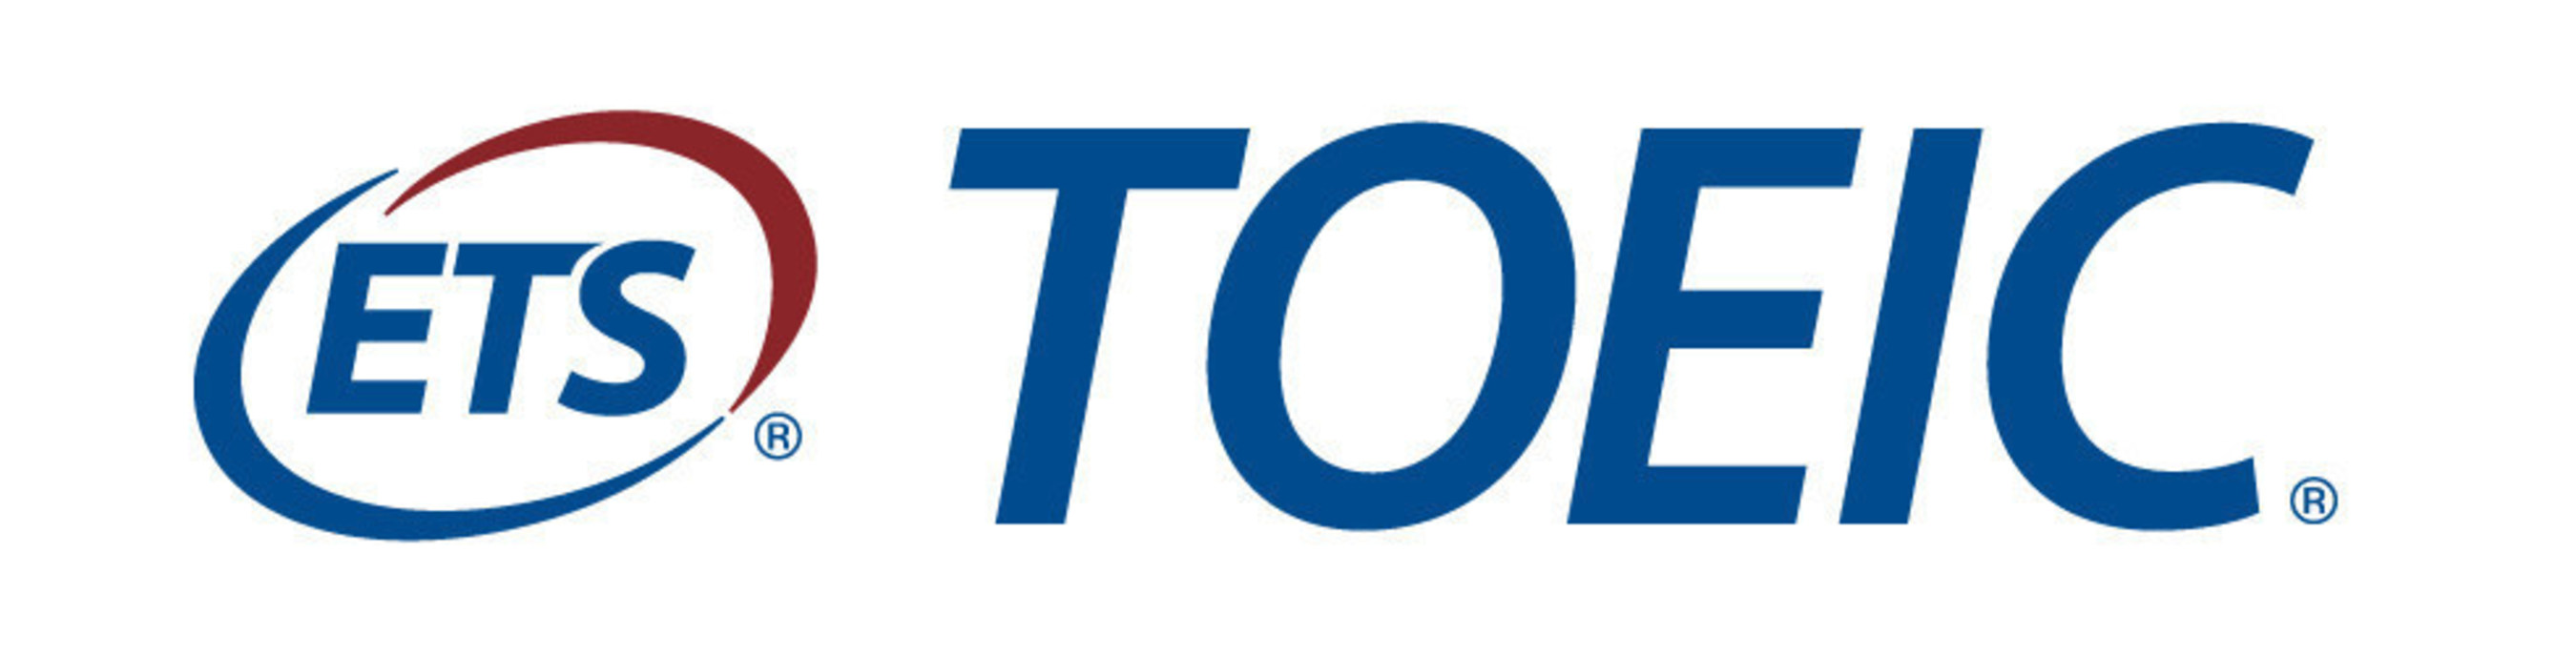 O programa TOEIC® lança os dados de 2014 do teste TOEIC® Listening and Reading realizado em todo o